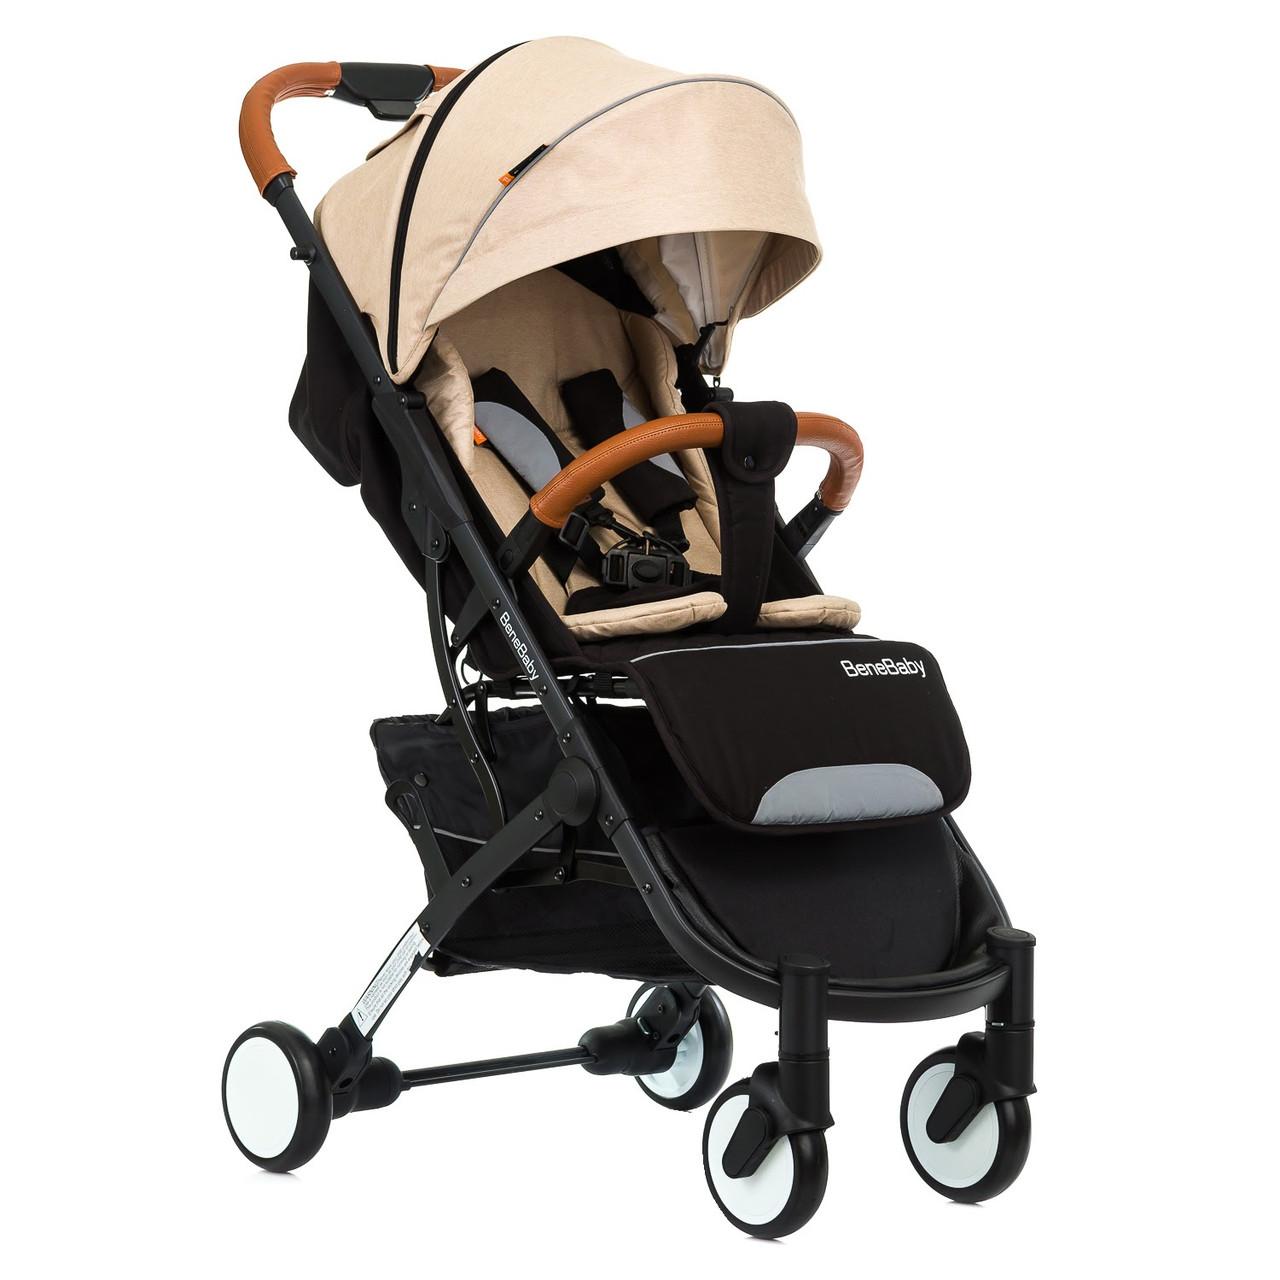 Коляска прогулянкова Bene Baby D200 бежева на чорній рамі